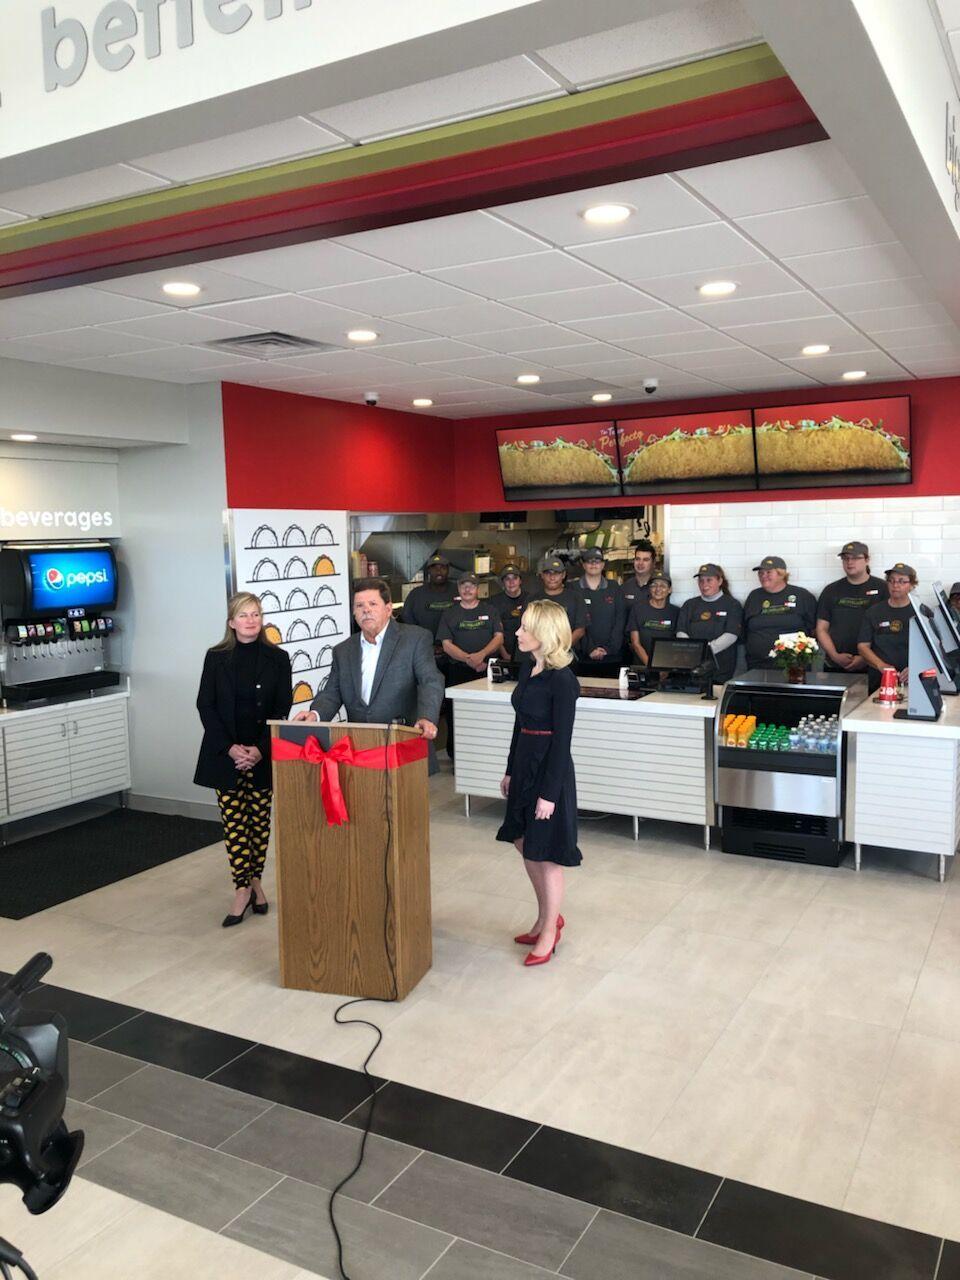 Taco John's Debuts New Prototype at S. Greeley Location